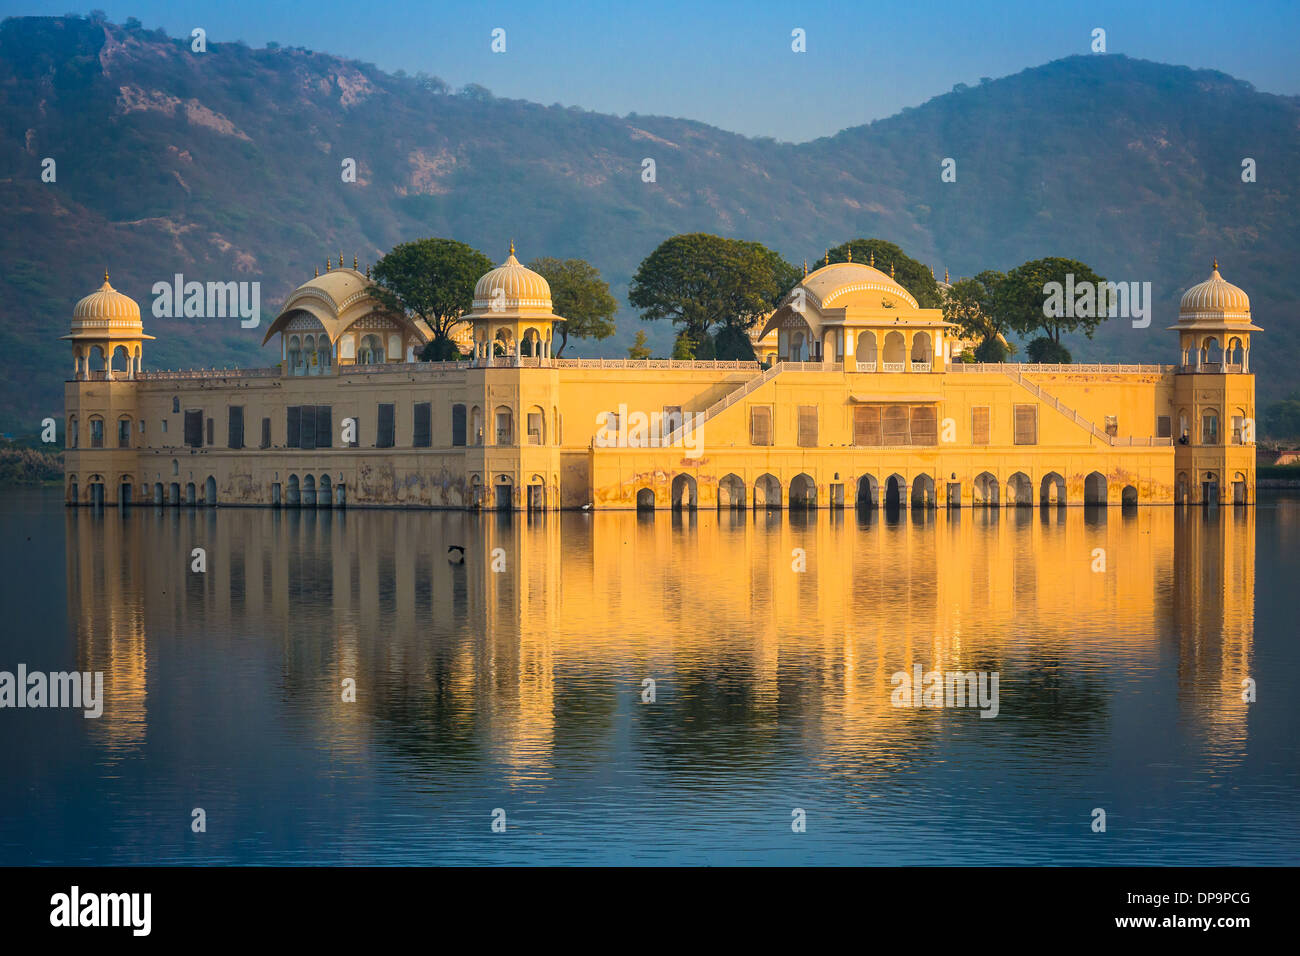 """Jal Mahal (que significa """"Palacio de agua') es un palacio situado en medio del lago Man Sagar en Jaipur, India Imagen De Stock"""